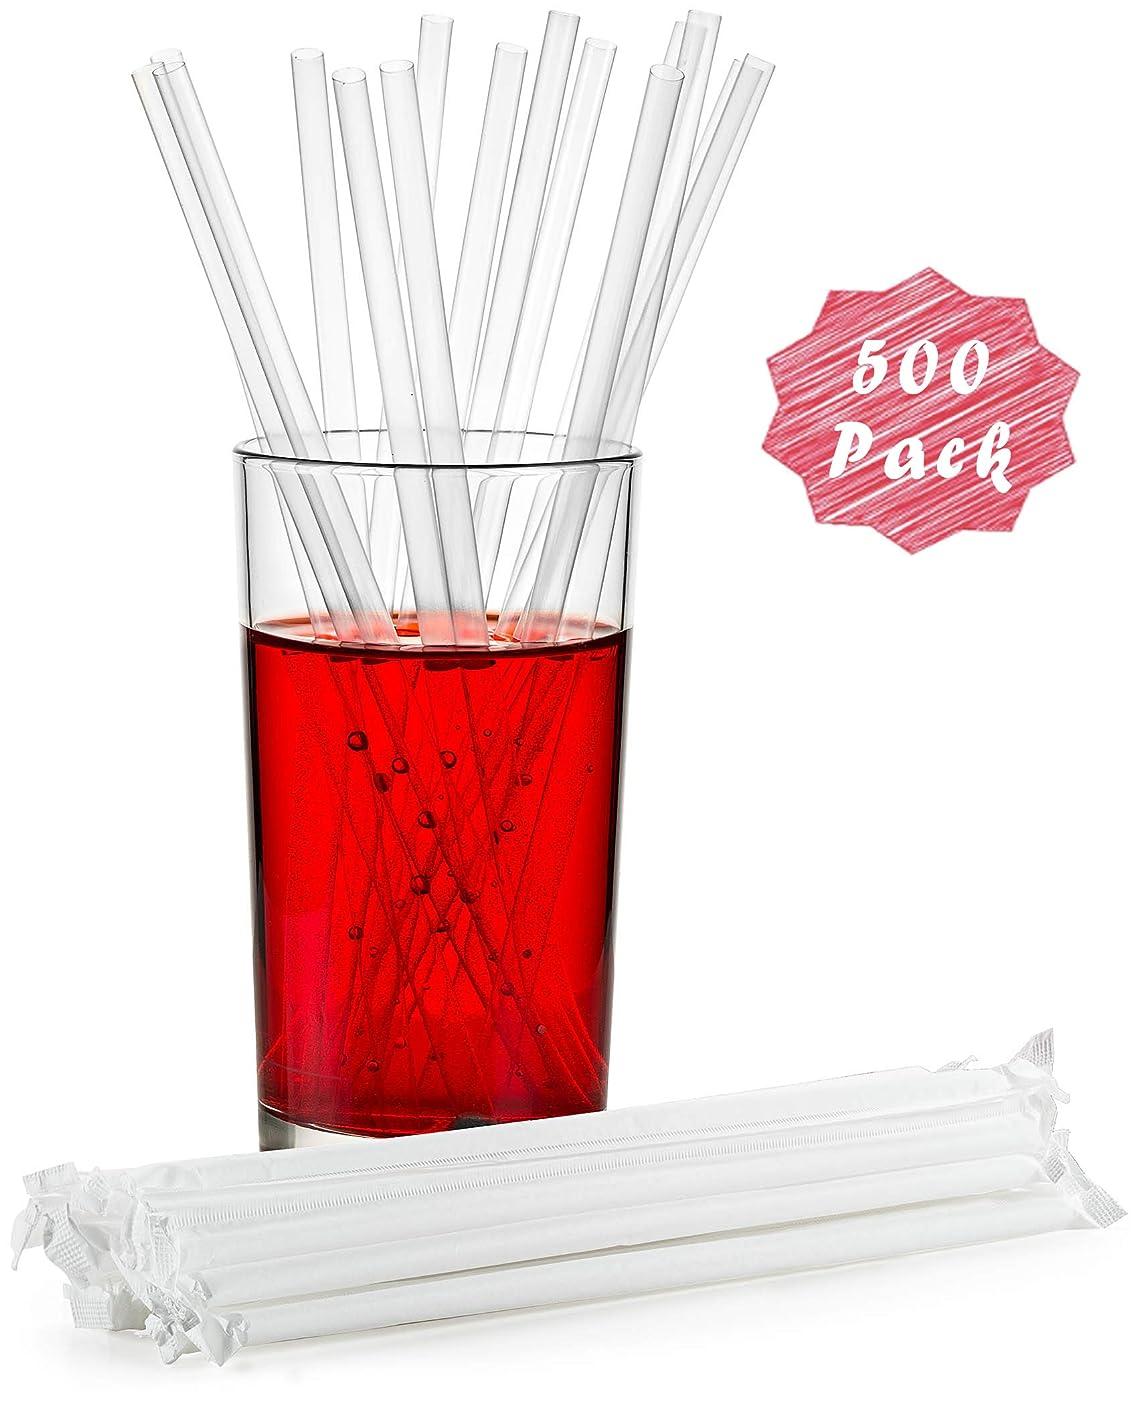 広まった歯科医学生透明プラスチックストロー、個別包装ストロー長さ7.75インチ、BPAフリー、レストラングレード、使い捨てストロー500本パック